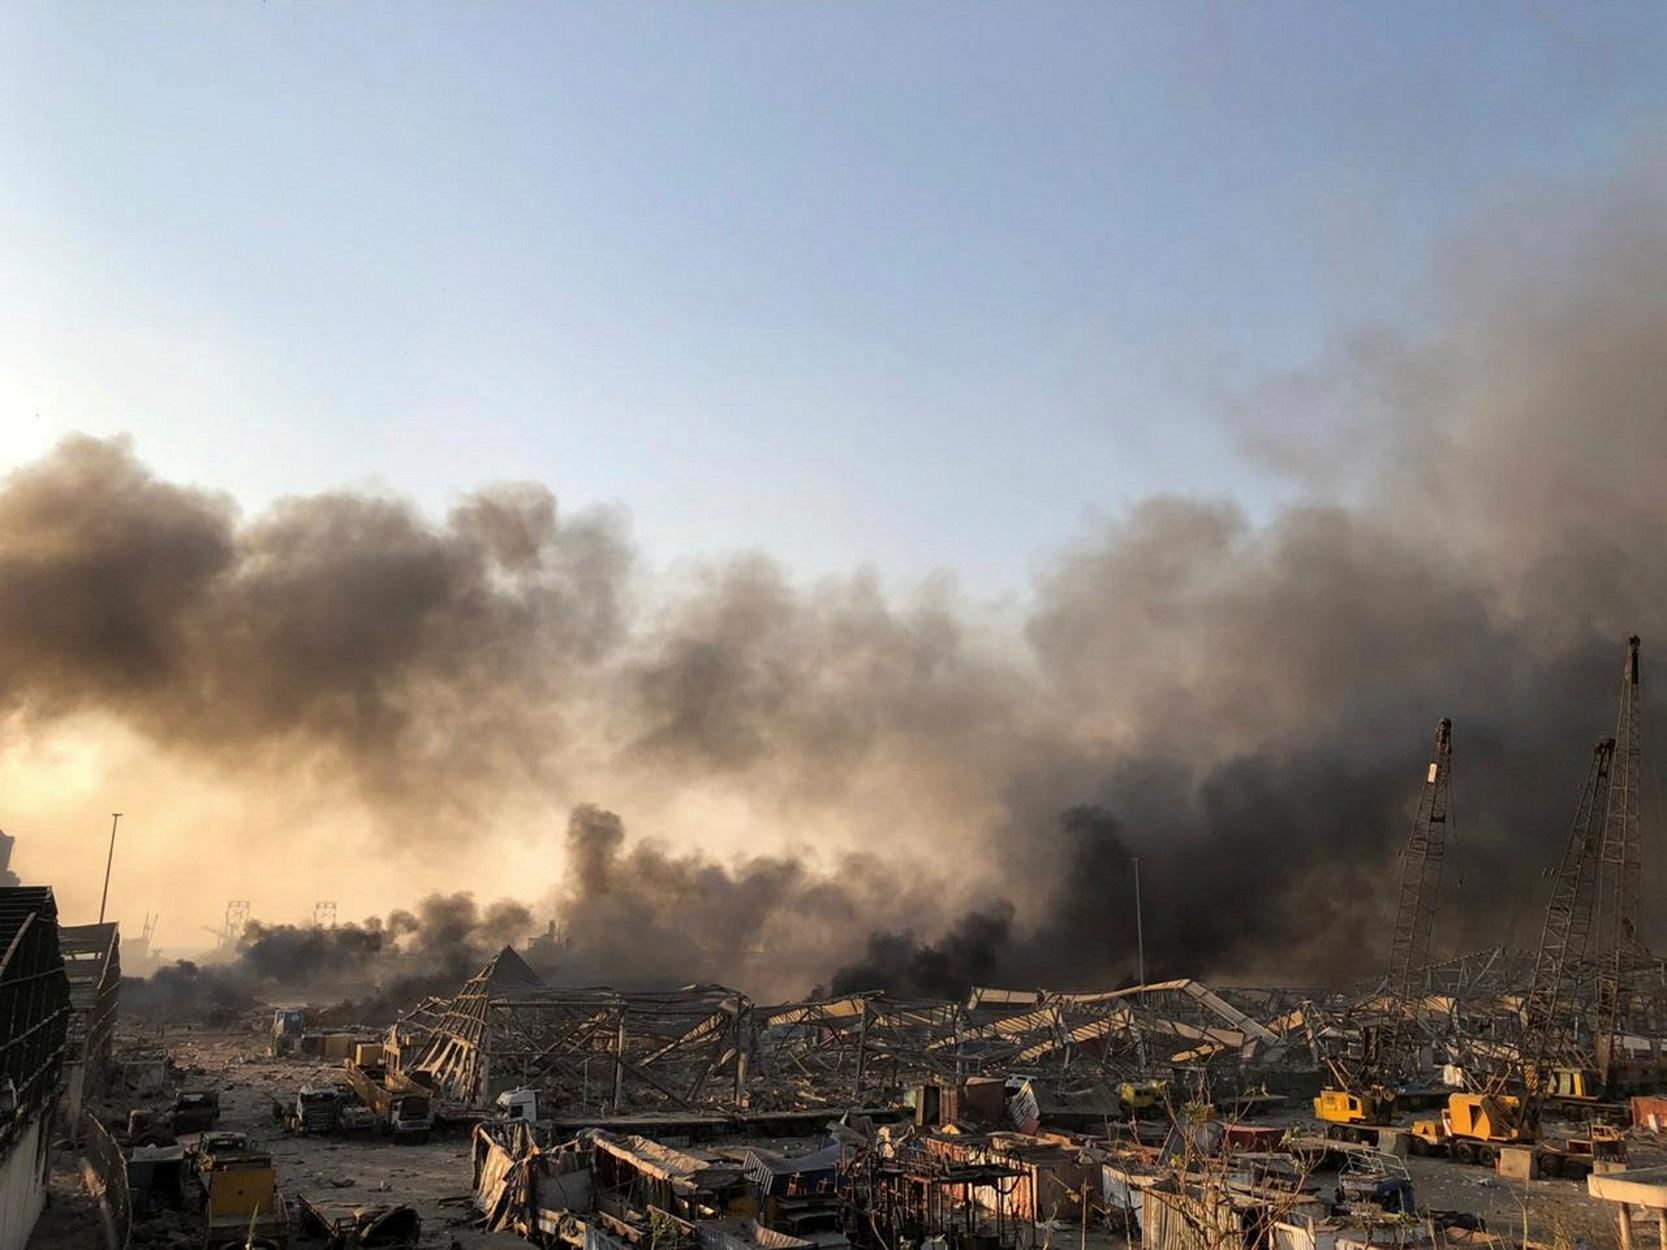 Θαύμα στον Λίβανο; Ίχνη ζωής στα χαλάσματα ένα μήνα μετά τη φονική έκρηξη στη Βηρυτό